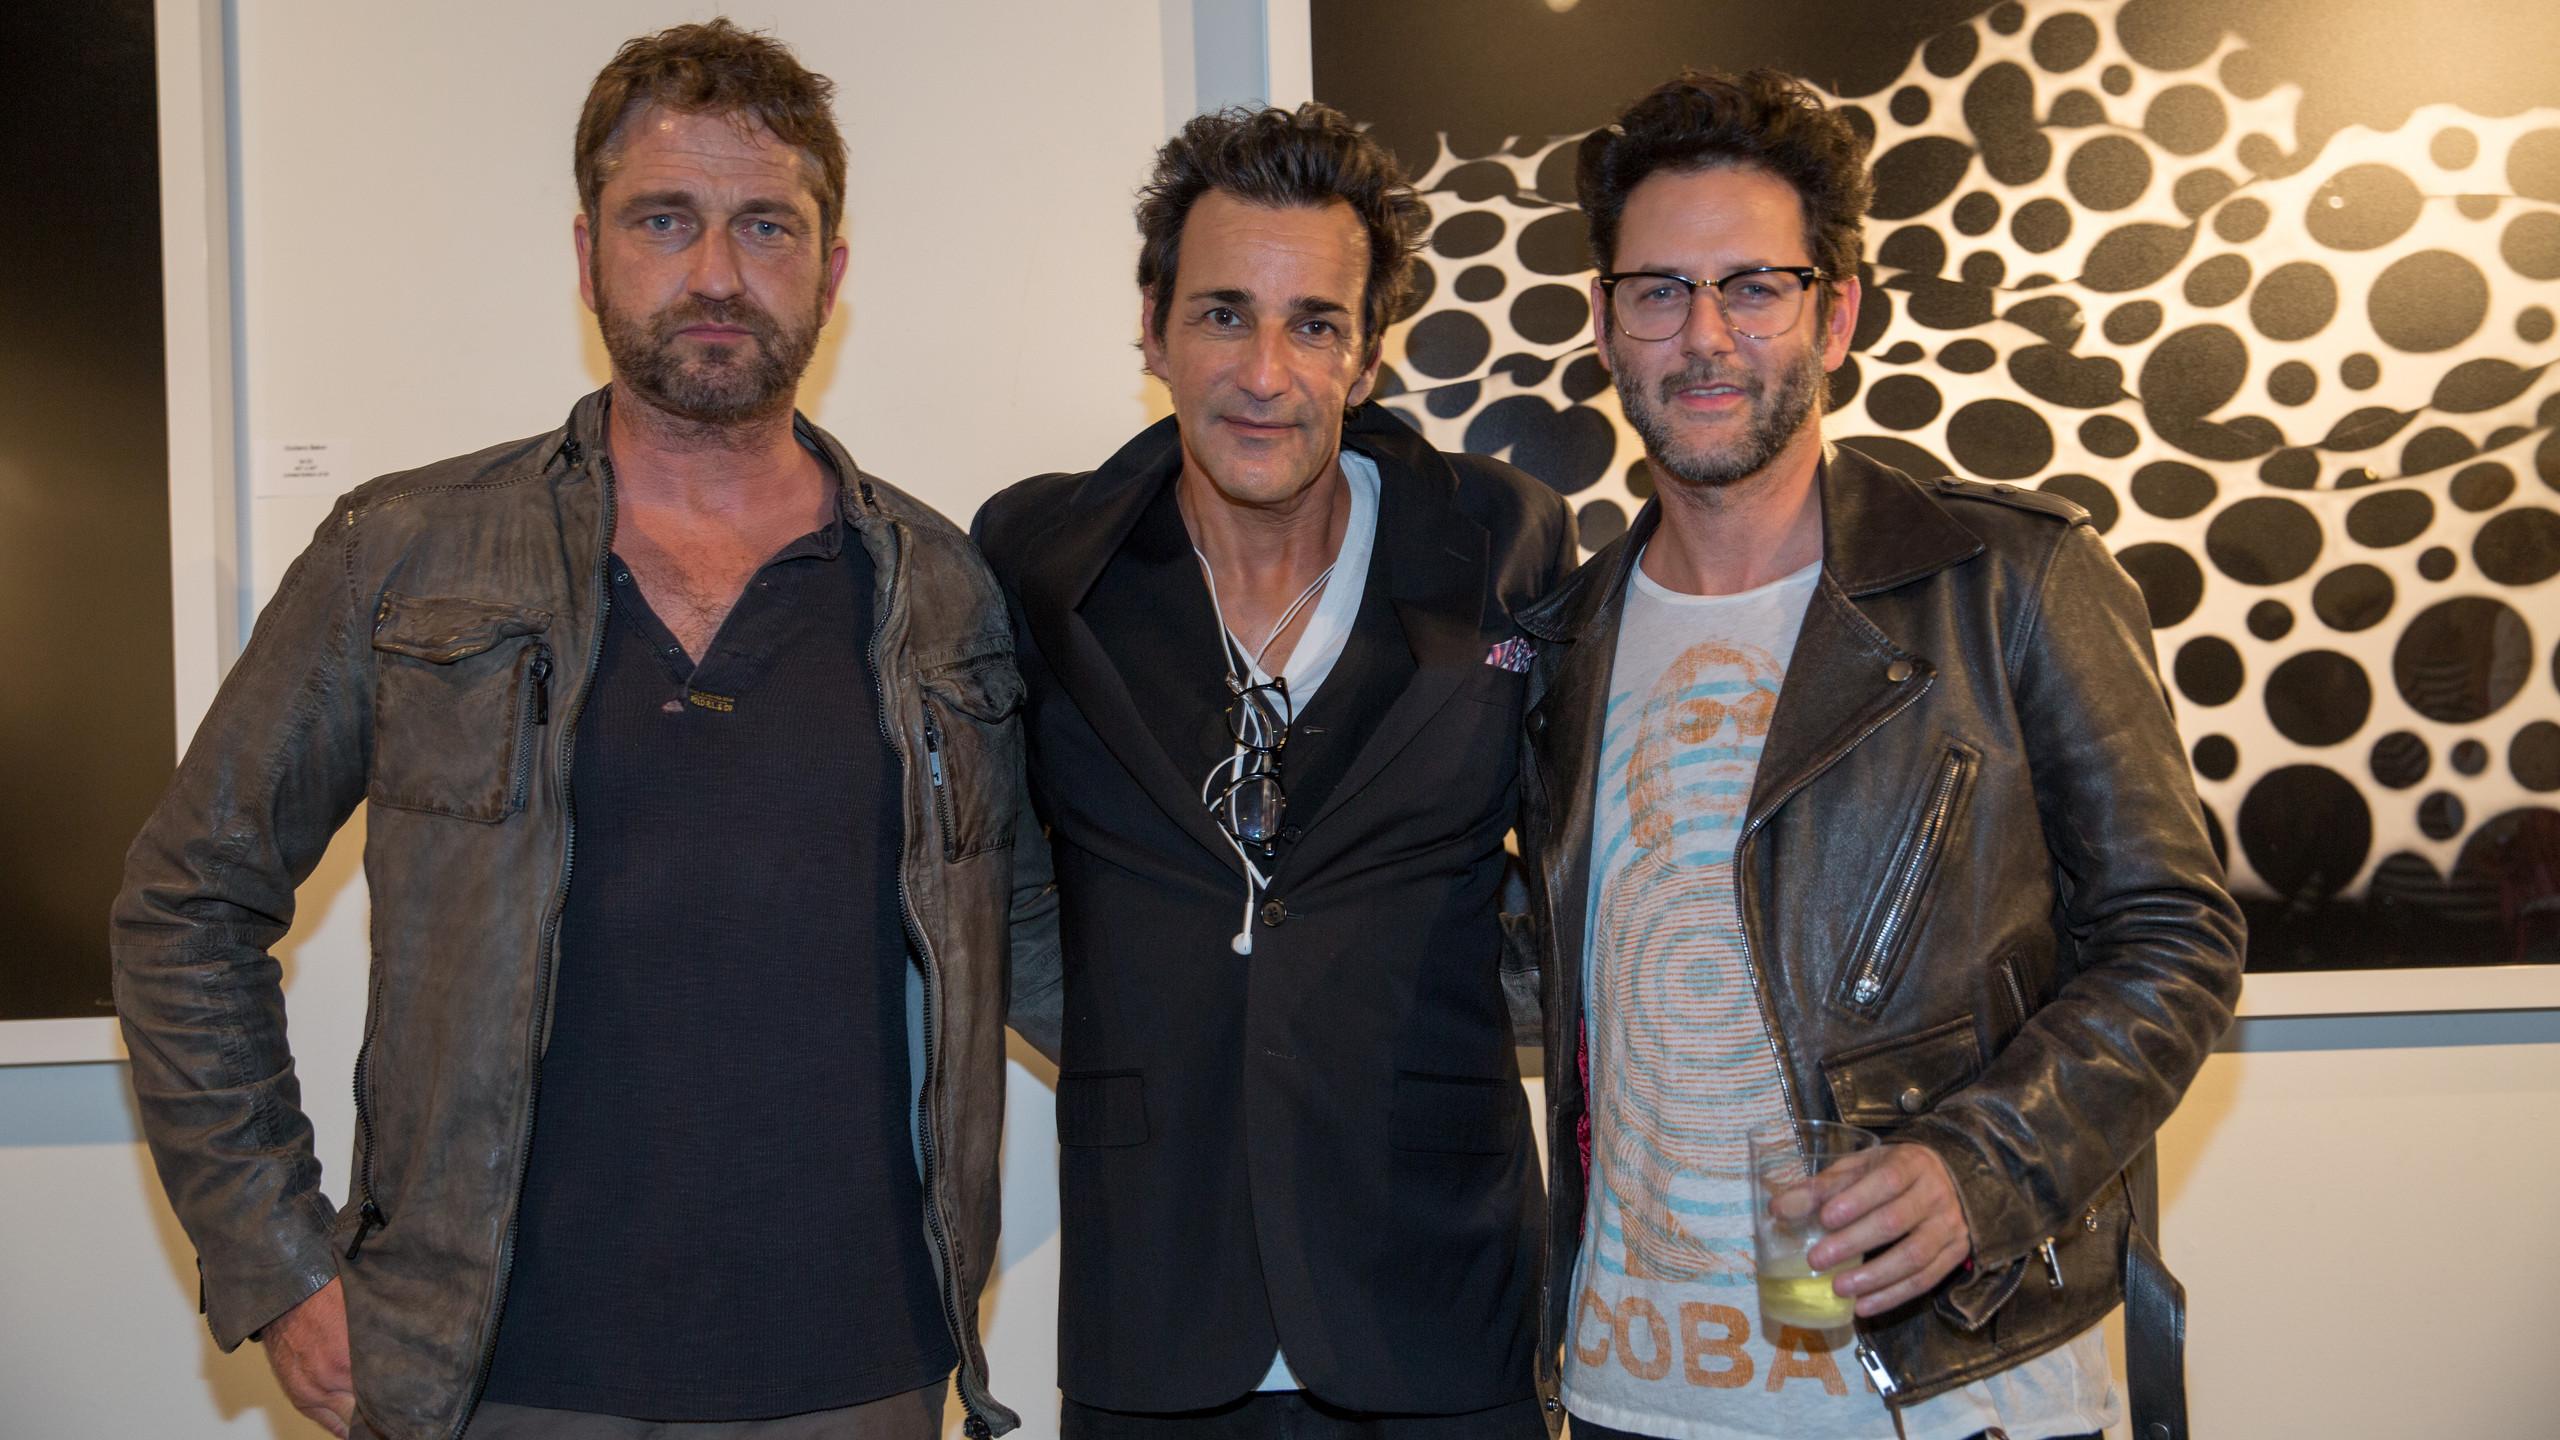 Photographer Giuliano Bekor with Gerard Butler